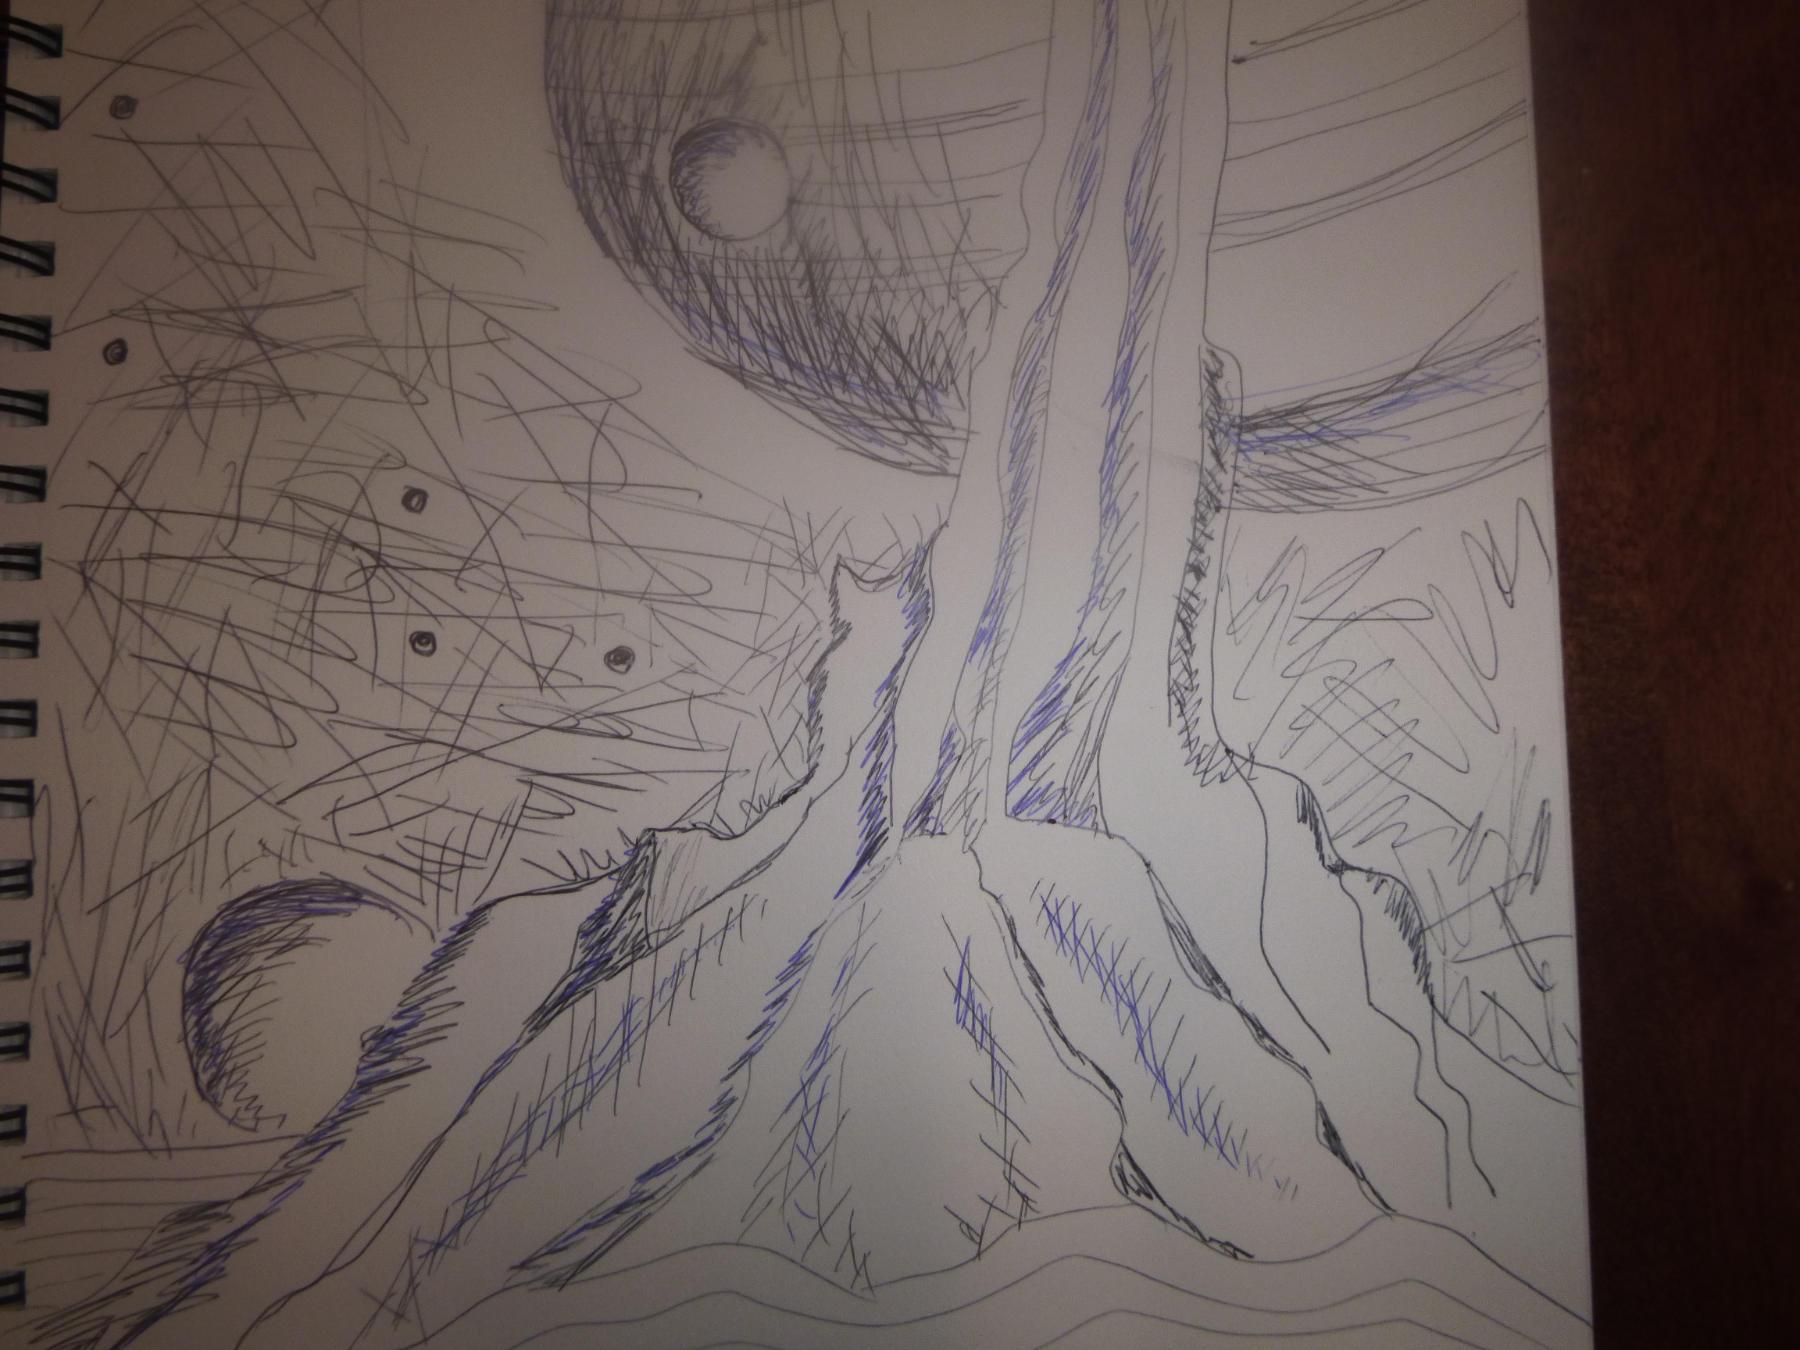 """<span style=""""color: #ff0000;""""><a style=""""color: #ff0000;"""" href=""""mailto:johorse.danielssen@gmail.com?subject=Défi 15 dessins 15 semaines - La Montagne de Sang"""">Contacter l'artiste</a></span> Daniel Joyal - La Montagne de Sang - 55$ (transaction directement avec l'artiste) - crayon à l'encre noir et bleu sur papier à dessin (Canson) - 12 x 9 po"""